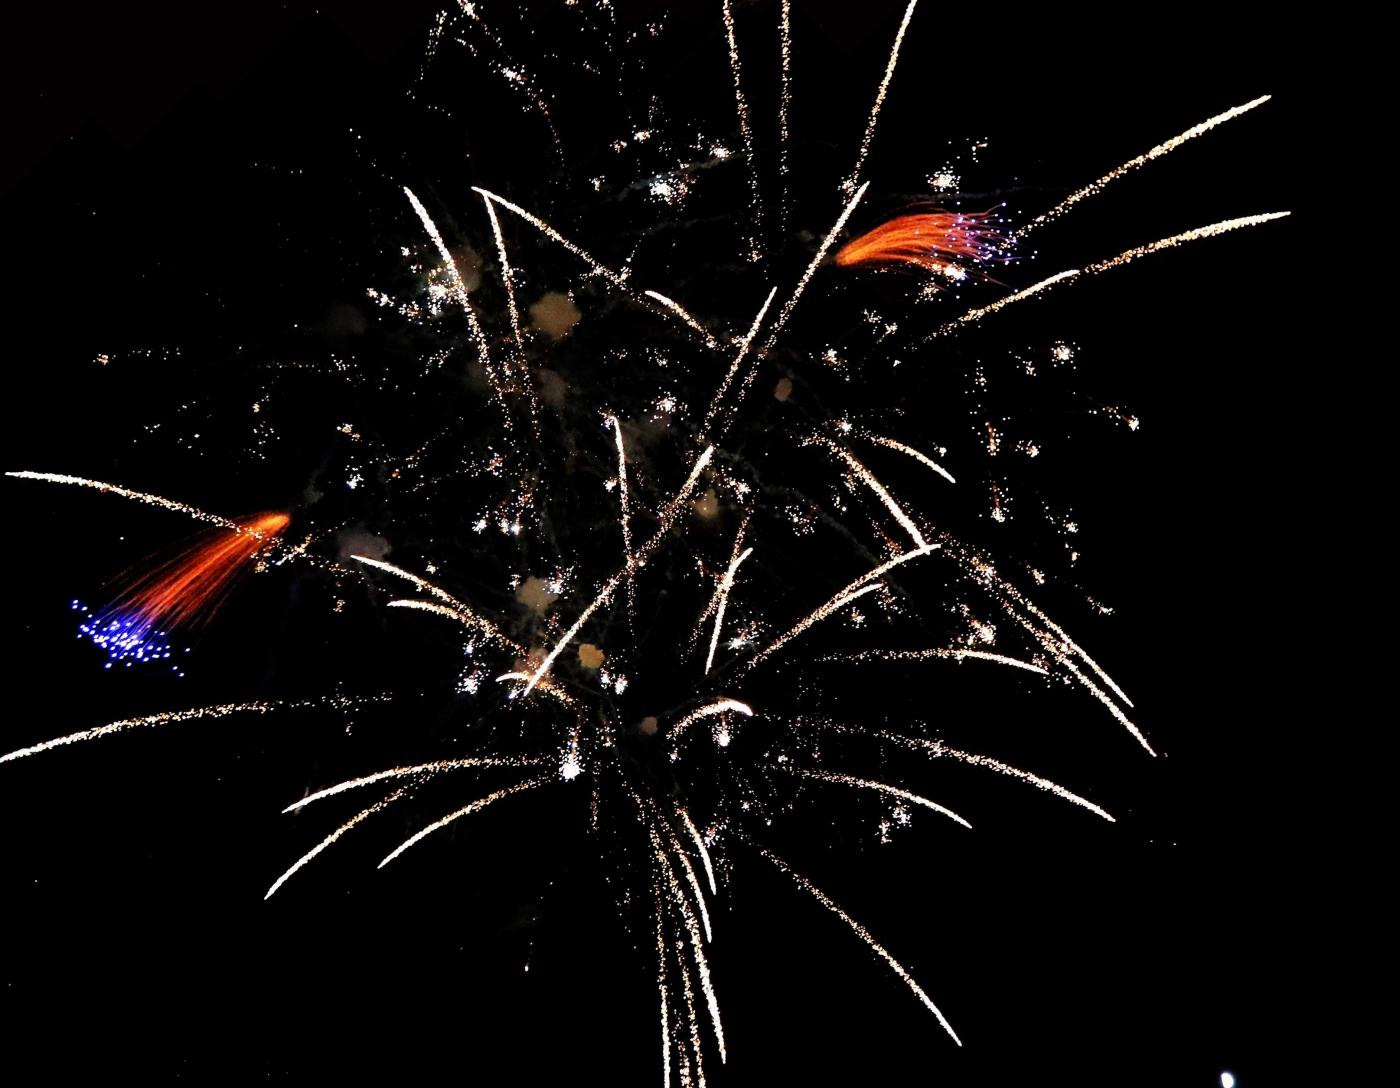 新泽西小镇125岁生日焰火实录_图1-16